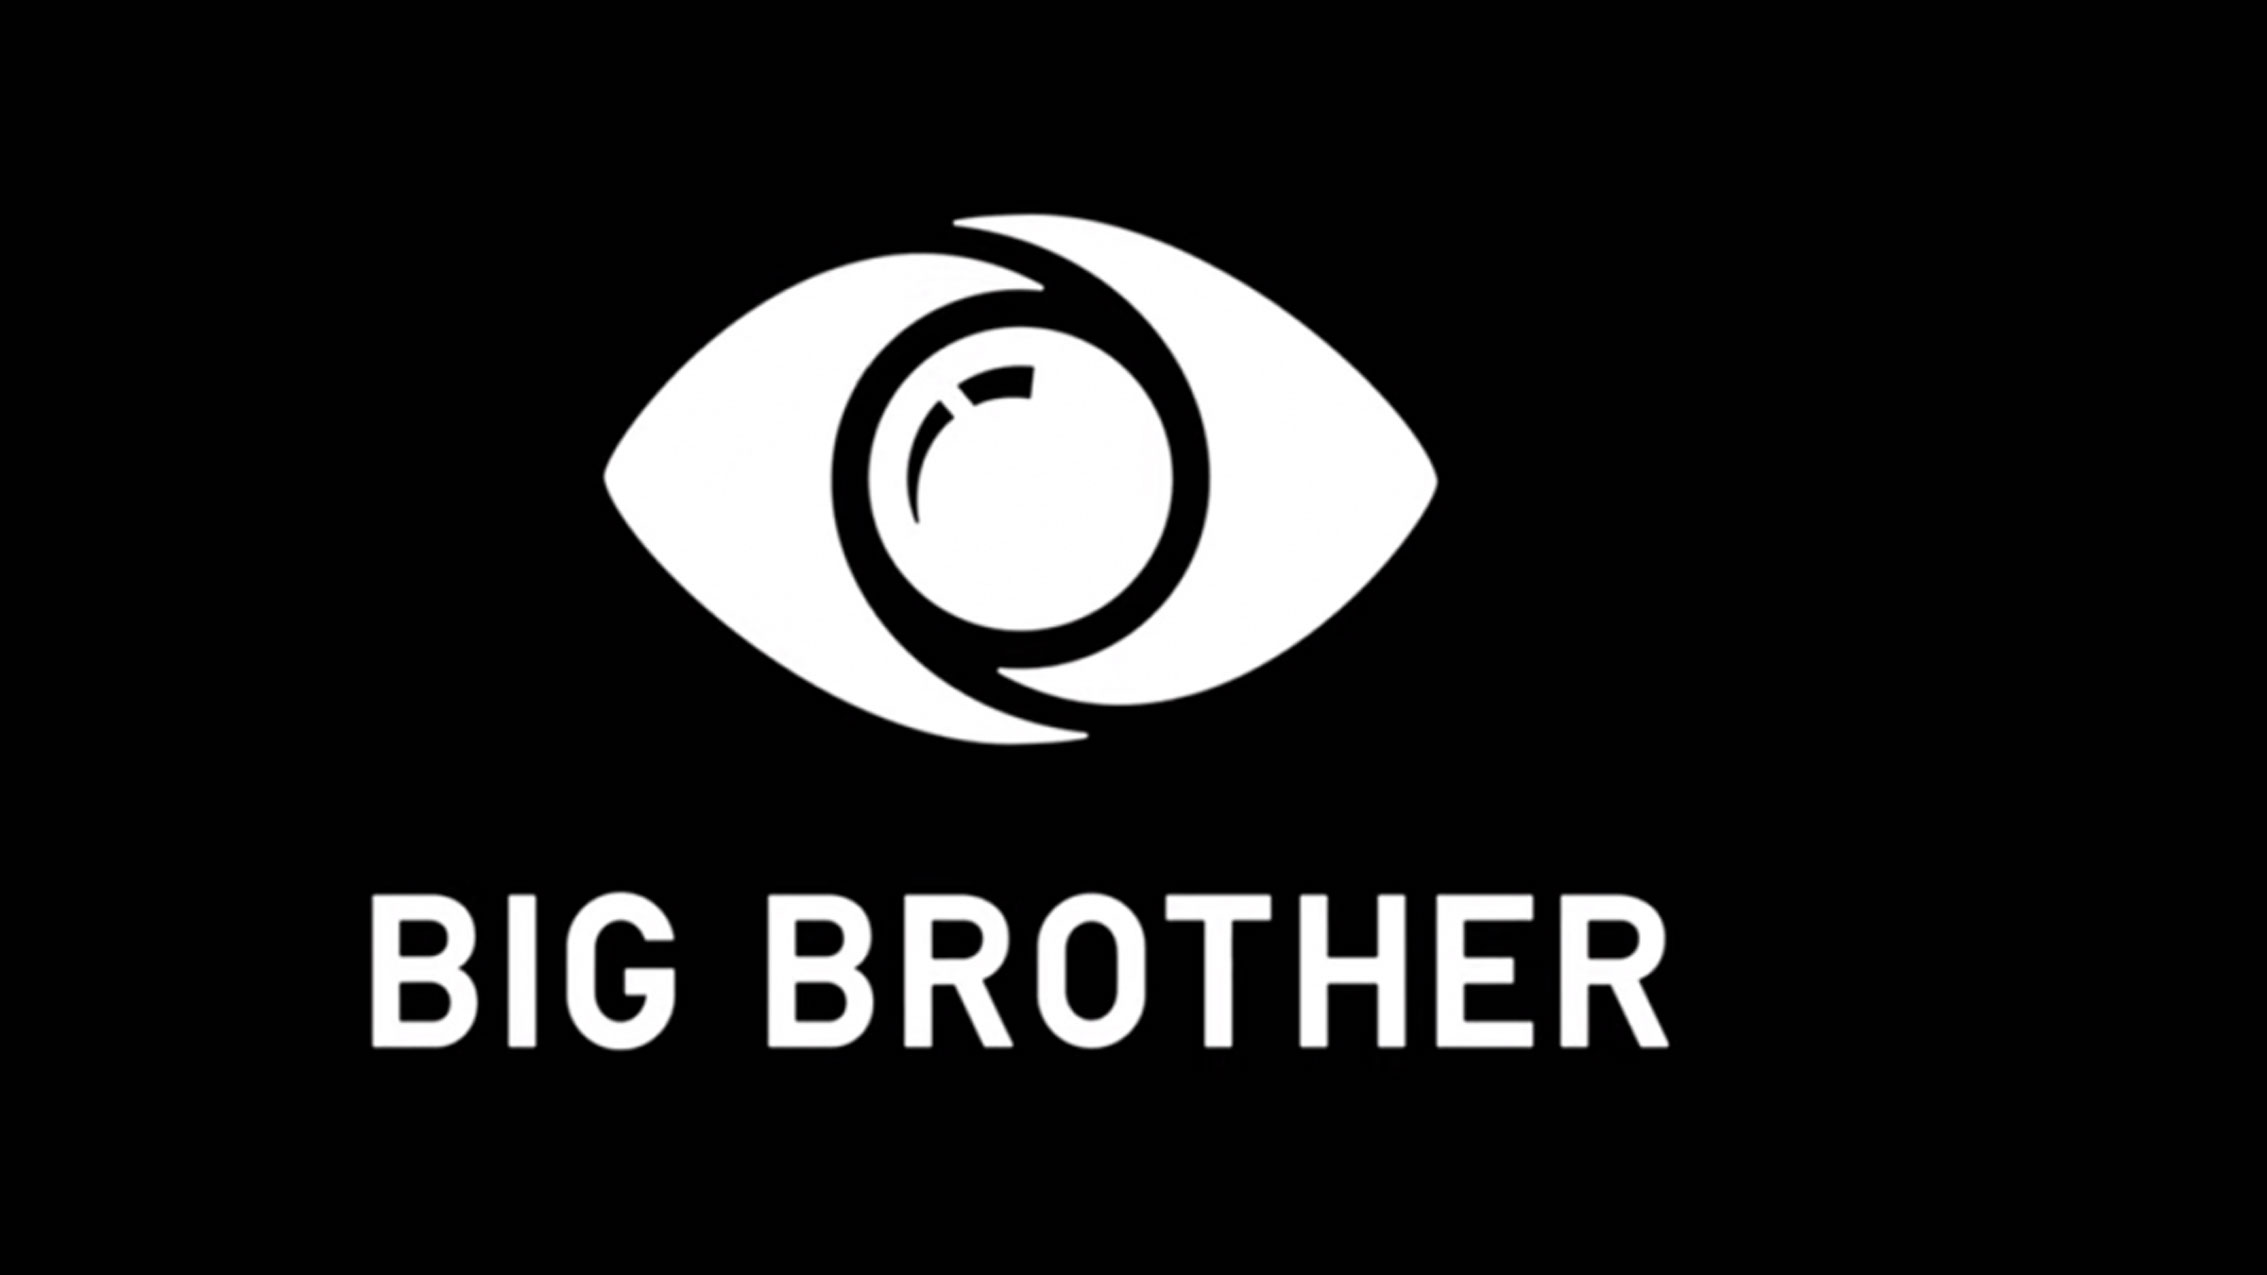 Όσοι πιστοί ας προσέλθουν: καραντίνα με τον Big Brother